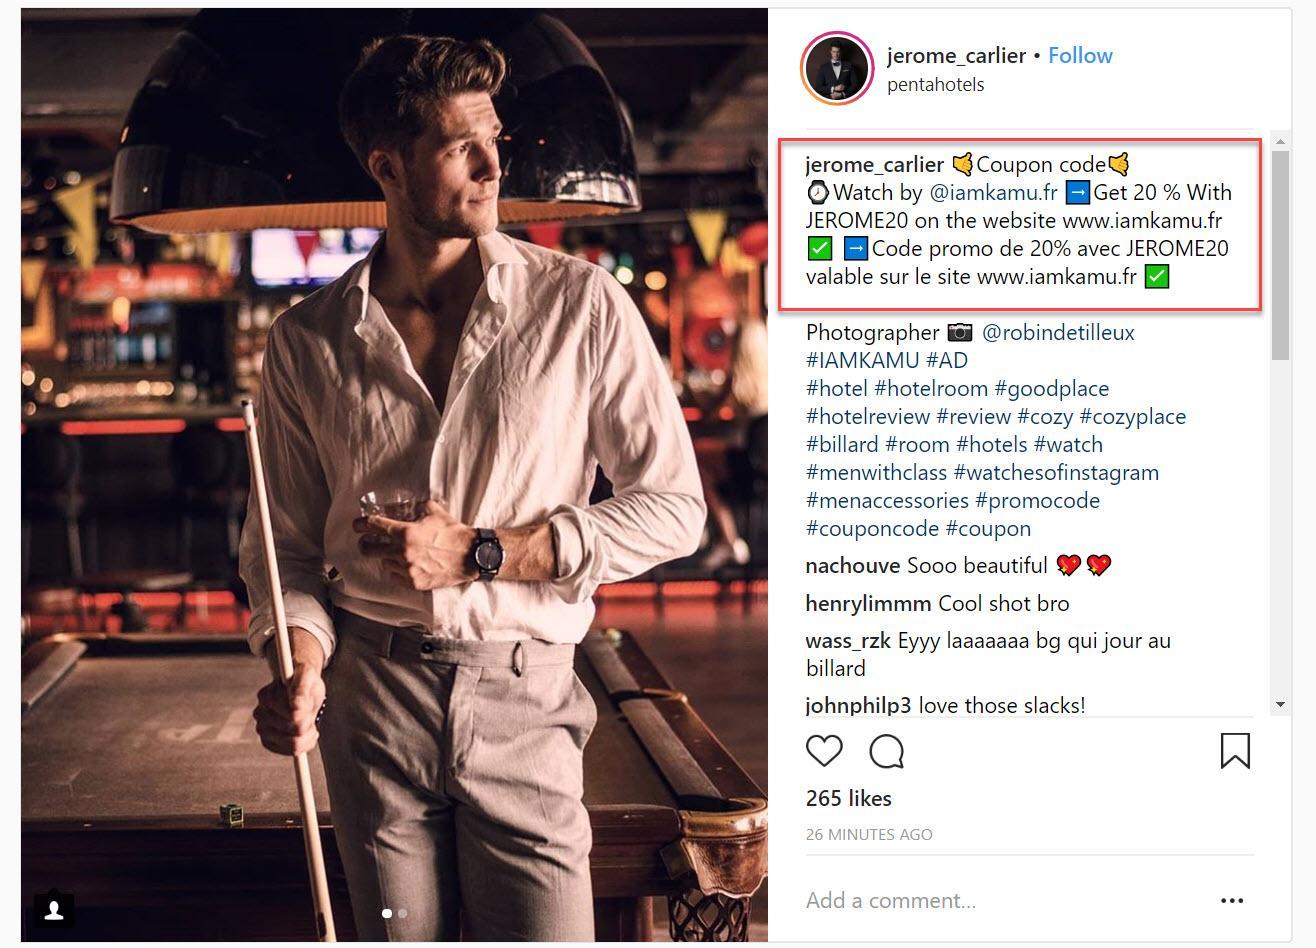 Instagram affiliate marketing example